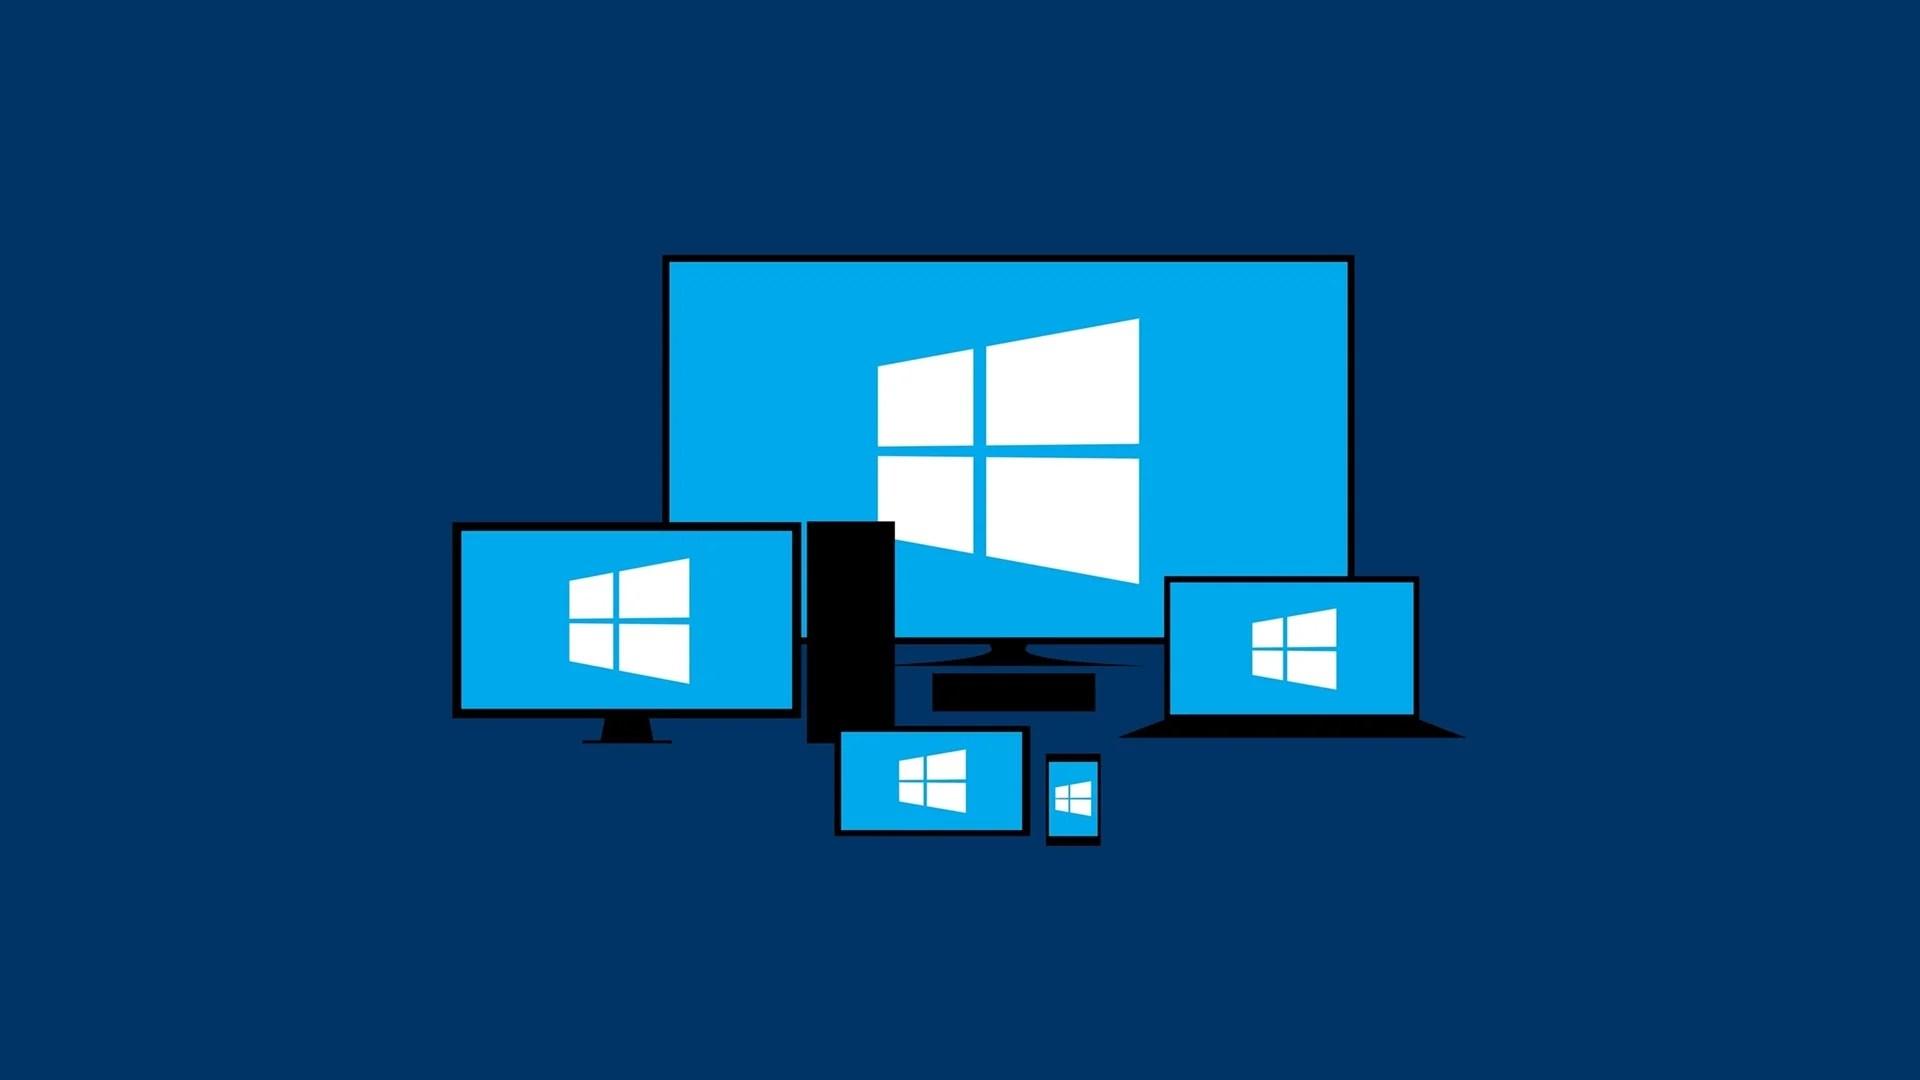 Windows 10 tourne sur 500 millions d'appareils